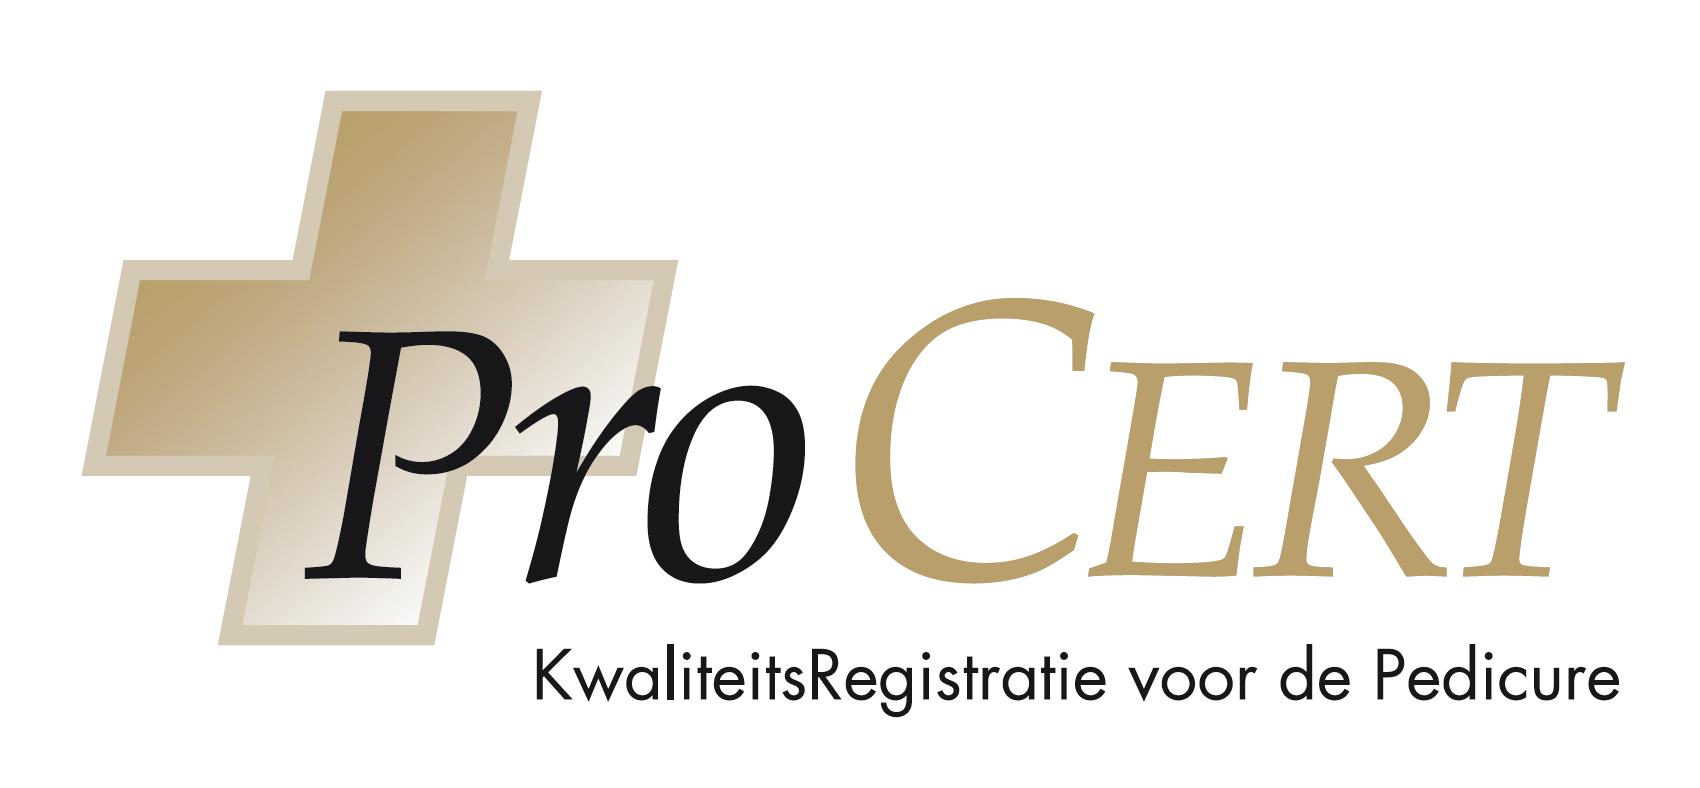 Wij zijn geregistreerd in het kwaliteitsregister voor pedicures ProCert